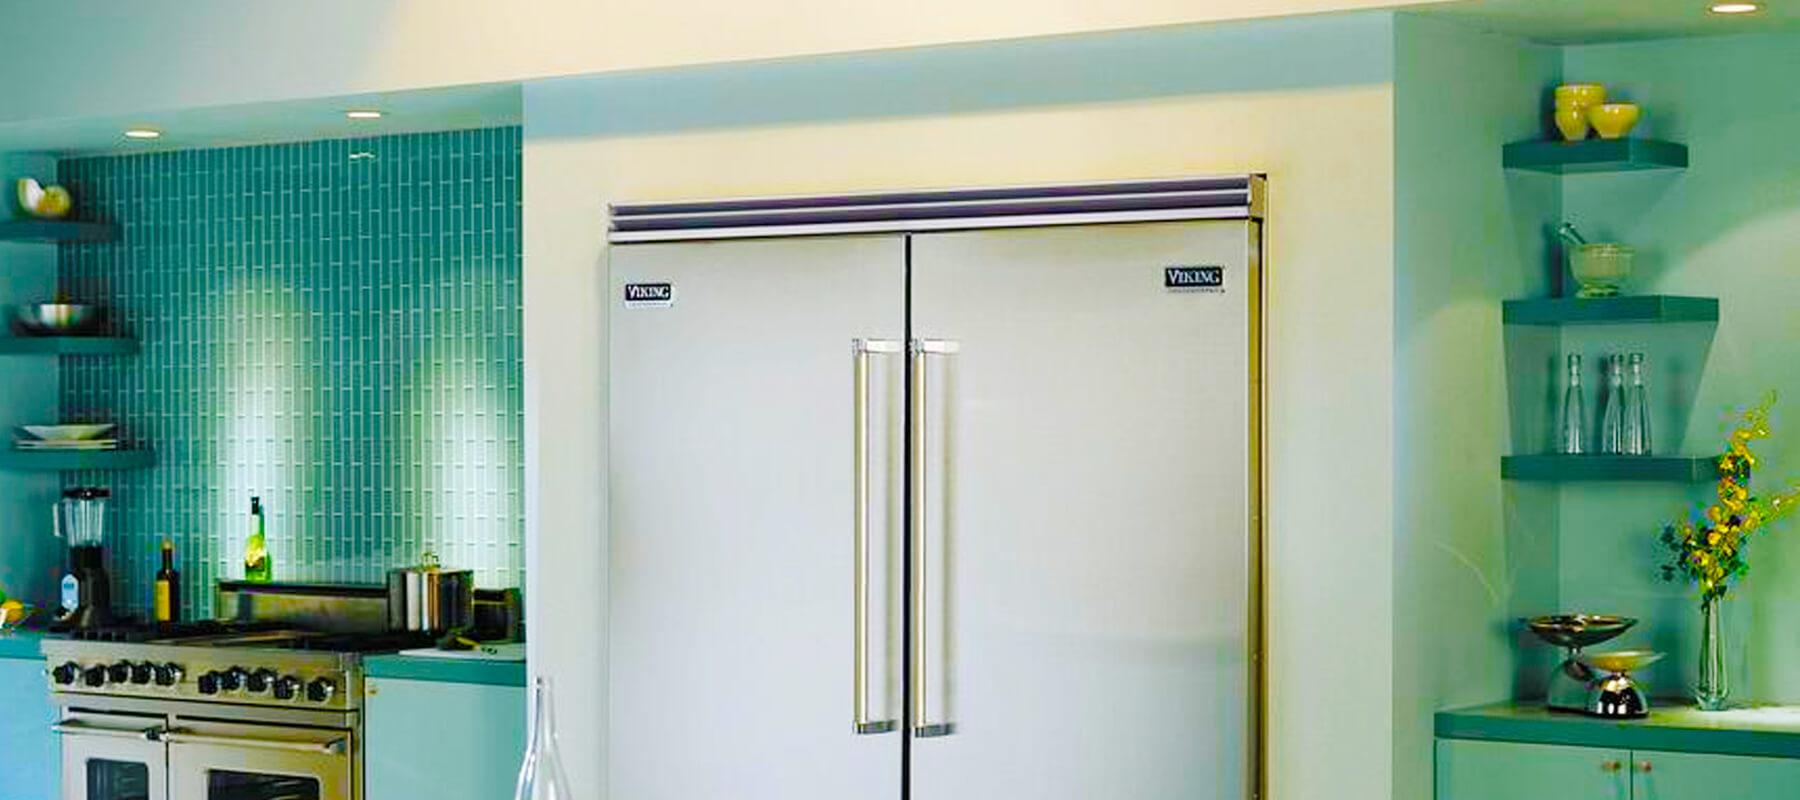 Viking Built in Refrigerator Repair Near Me   Built-in Refrigerator Repair